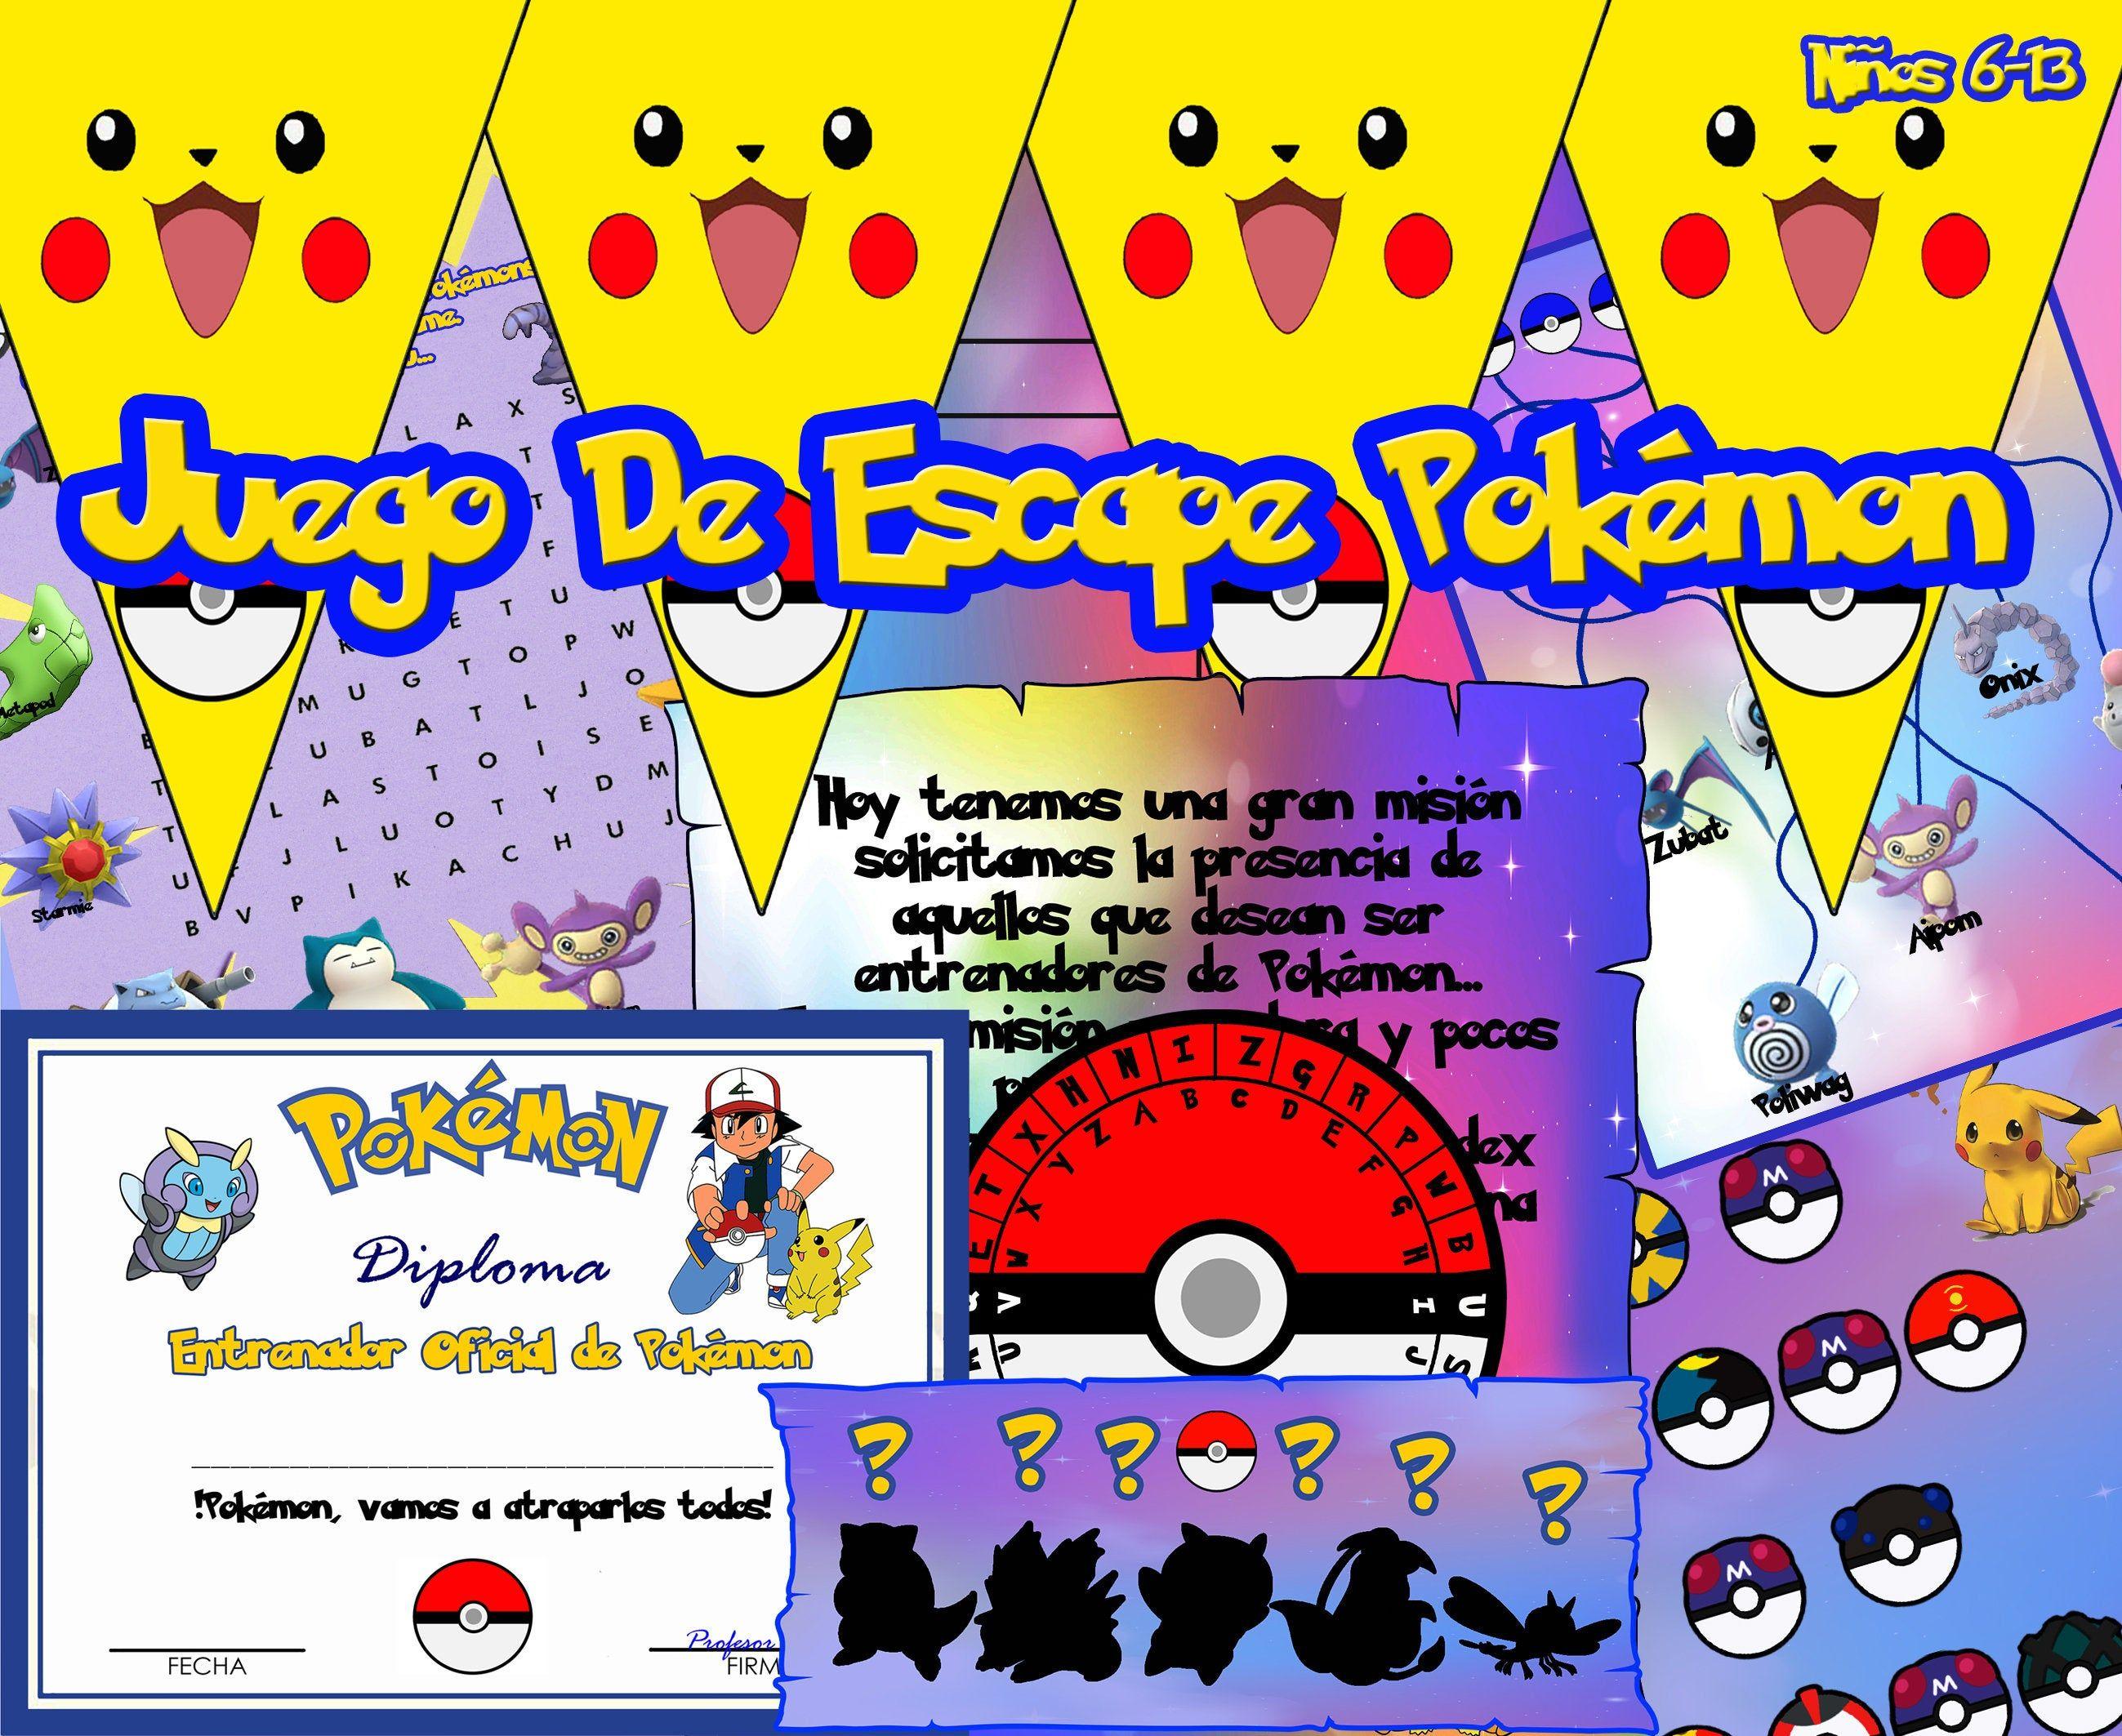 Kit Juego De Escape Para Niños Pokemon Go Pikachu Casa Fiesta Cumpleaños Juegos Escape Room Español En Juegos De Escape Juegos De Pokemon Juegos Para Niños